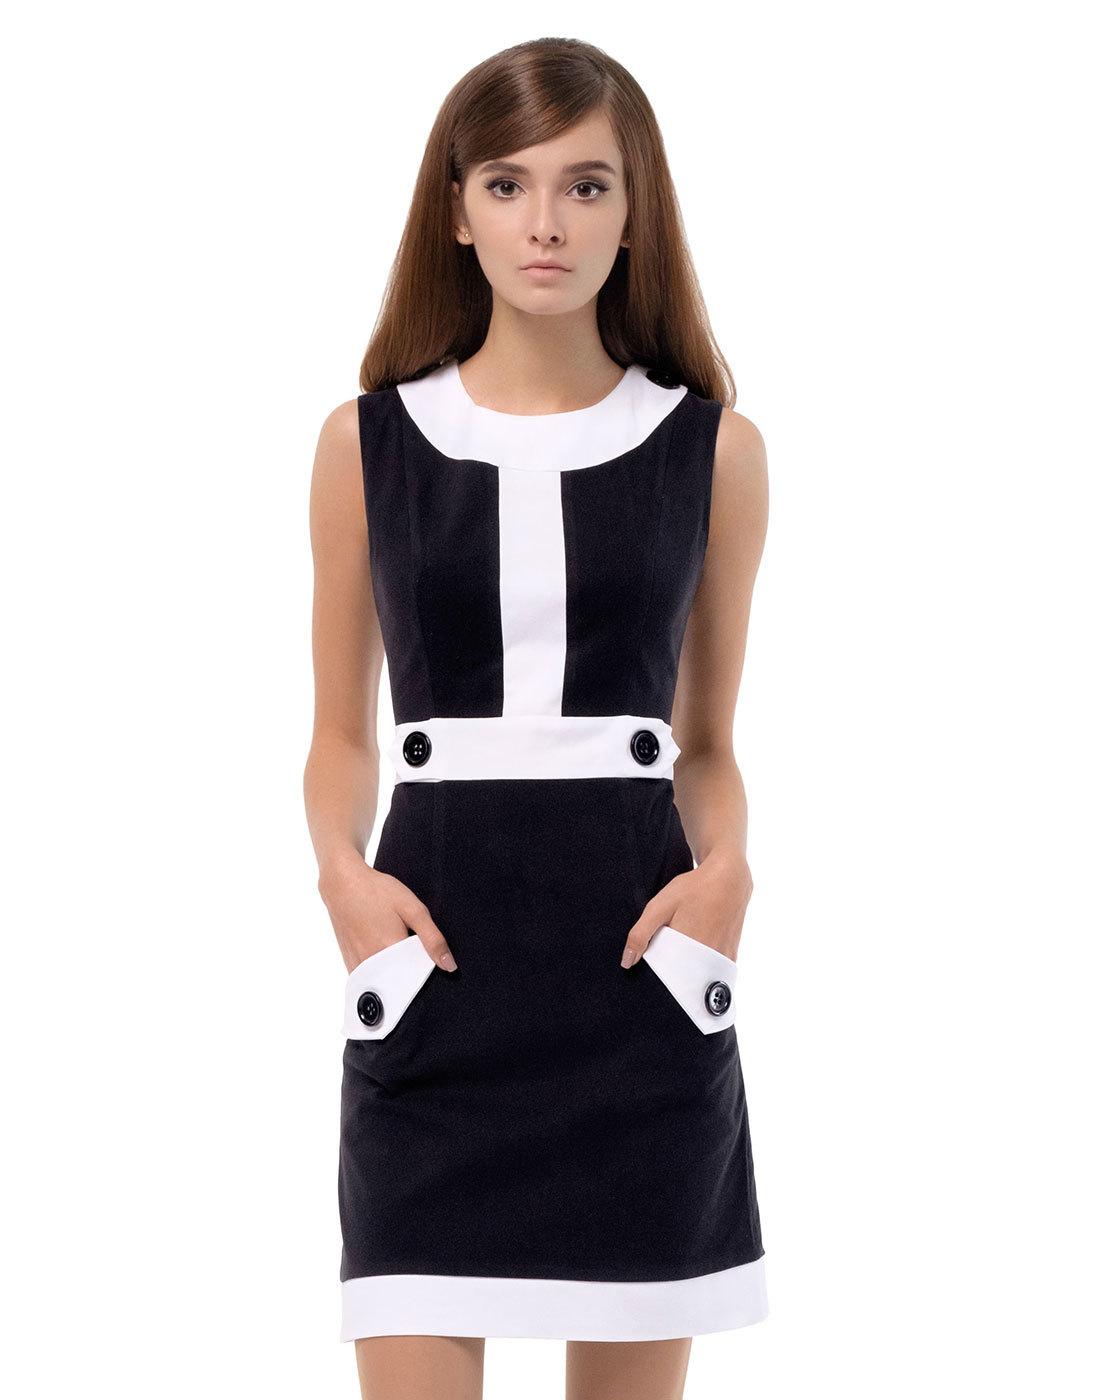 MARMALADE Retro 60s Mod Two-Tone A-Line Dress in Black/White